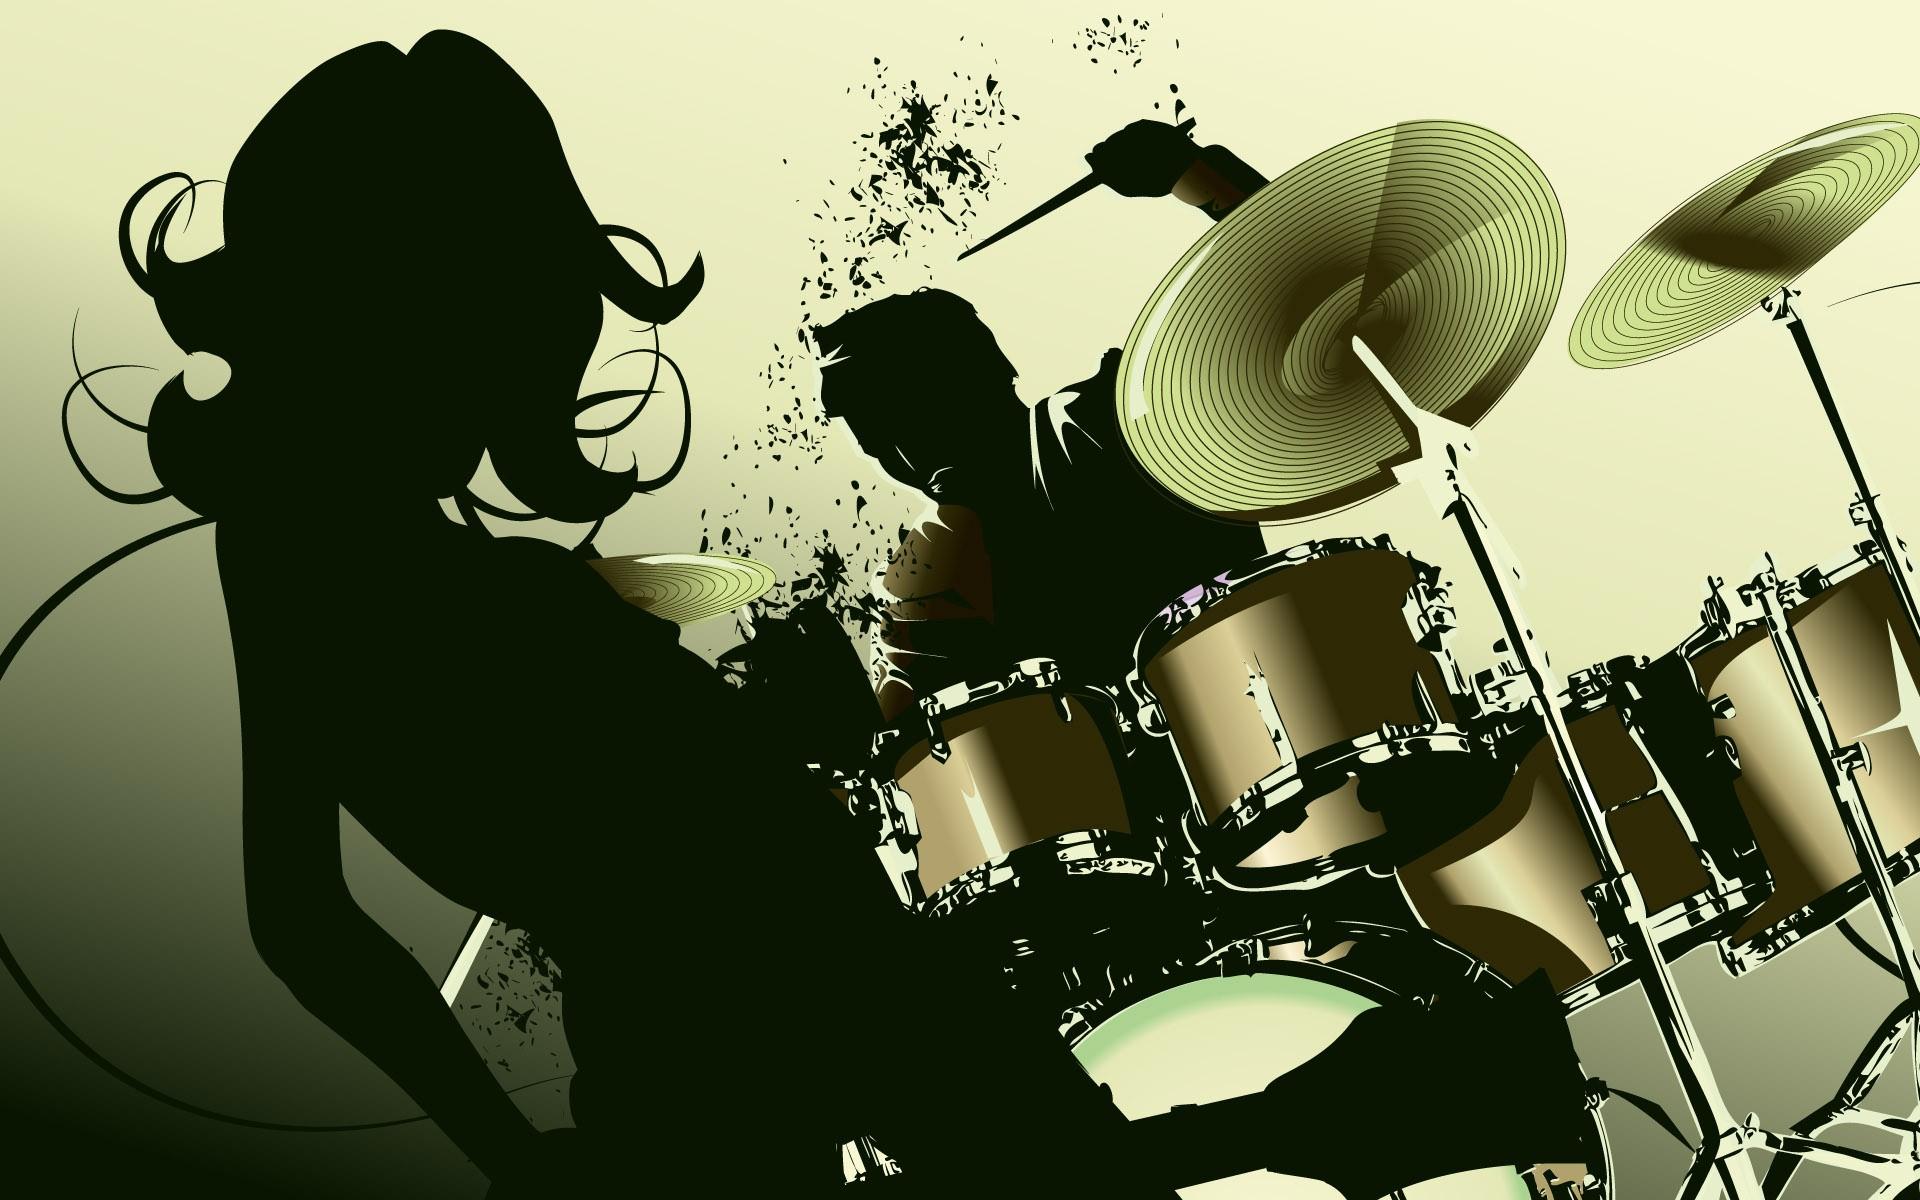 Картинка связанную с музыкой